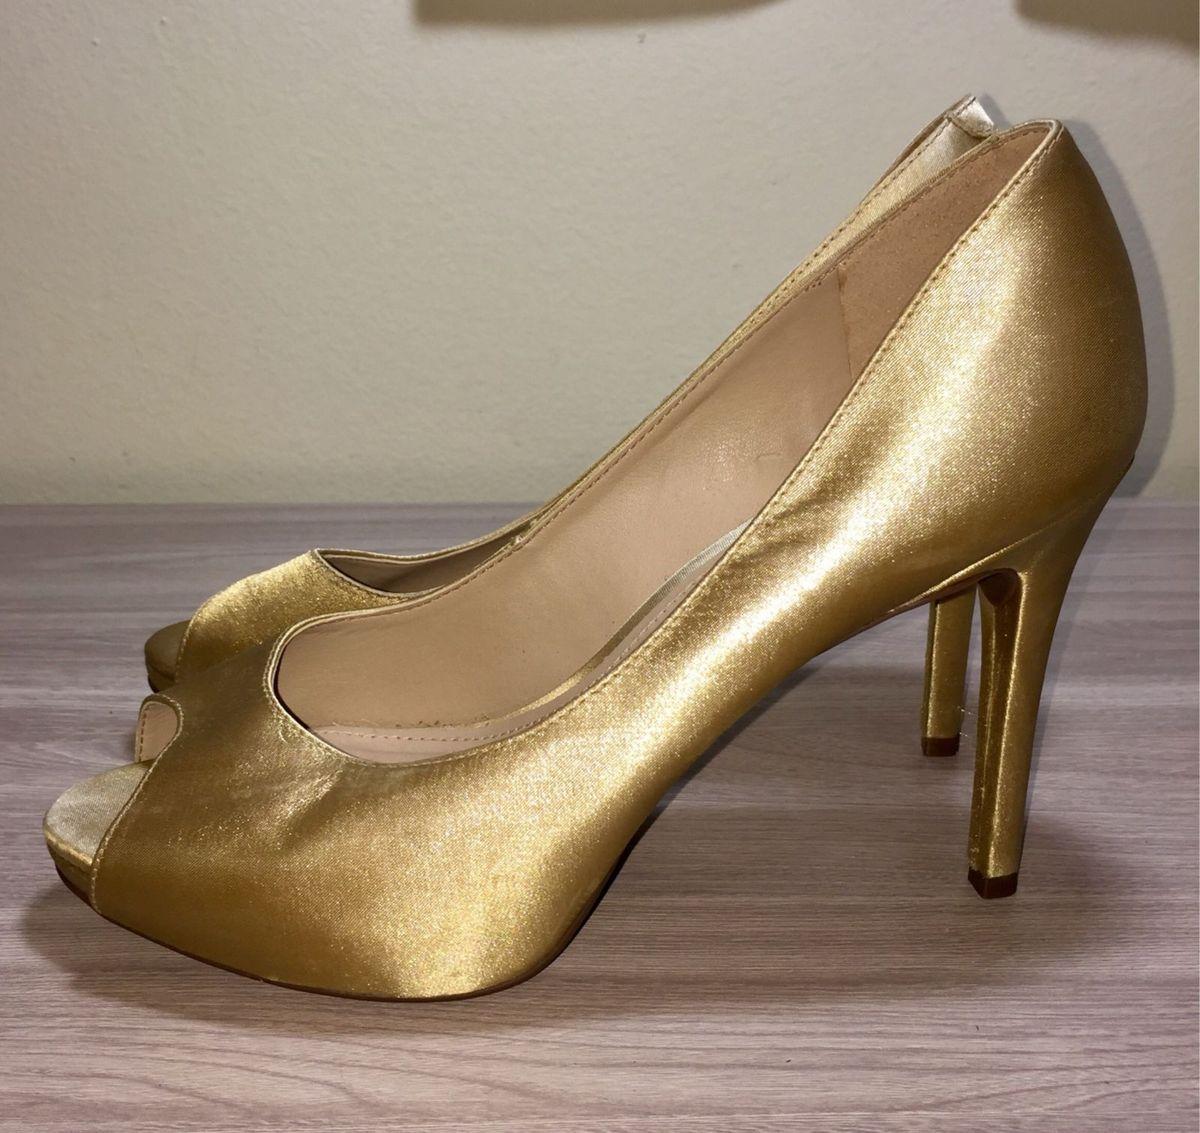 474bffb89 peep toe arezzo cetim dourado - sapatos arezzo.  Czm6ly9wag90b3muzw5qb2vplmnvbs5ici9wcm9kdwn0cy8xmta1mte0lzezowu0ywjjnte2ymy1ogq4ndq2ogy0mtk4mjvln2jmlmpwzw